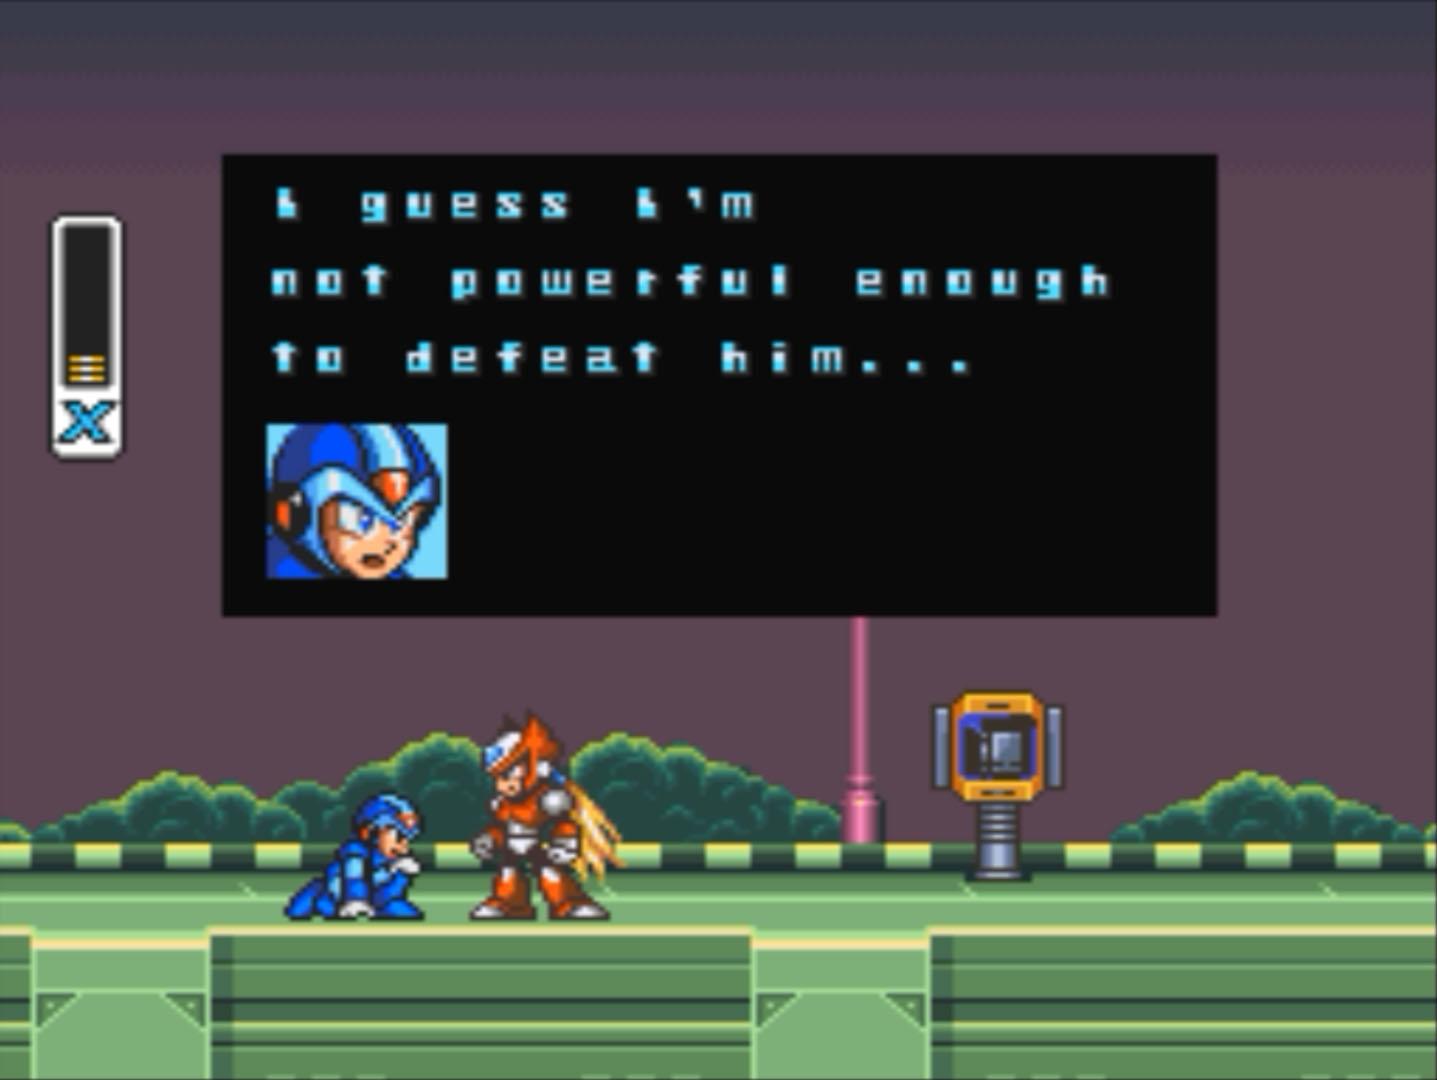 Mega Man X Not Powerful